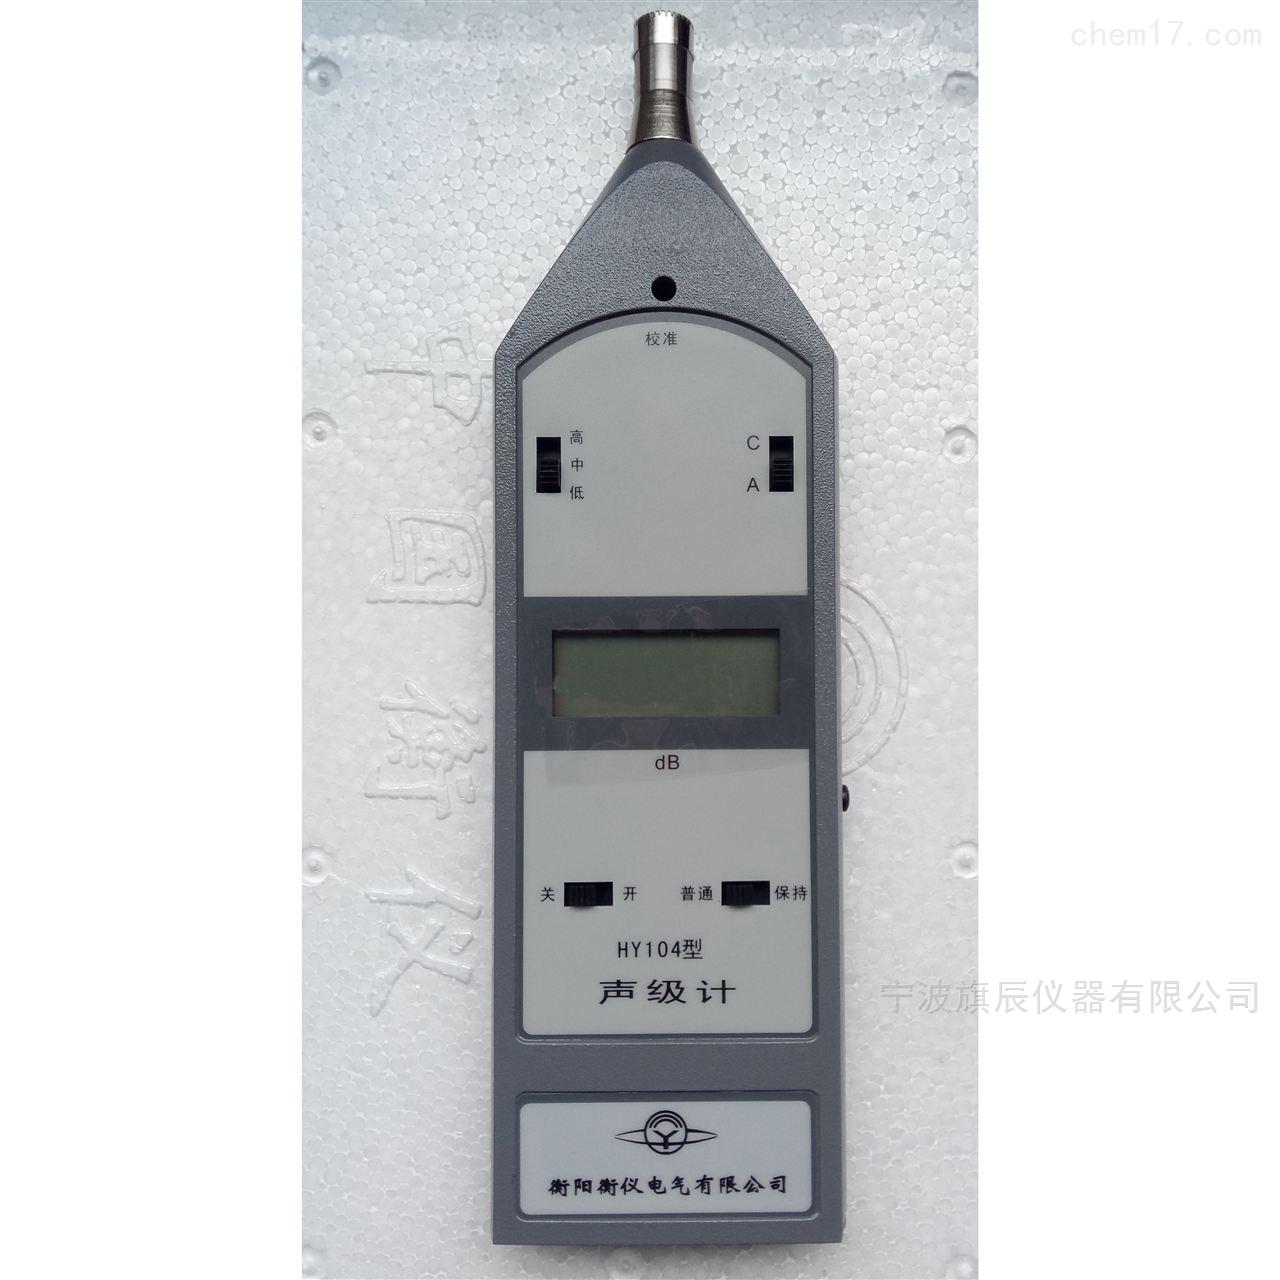 (衡仪))HY104型手持式声级计